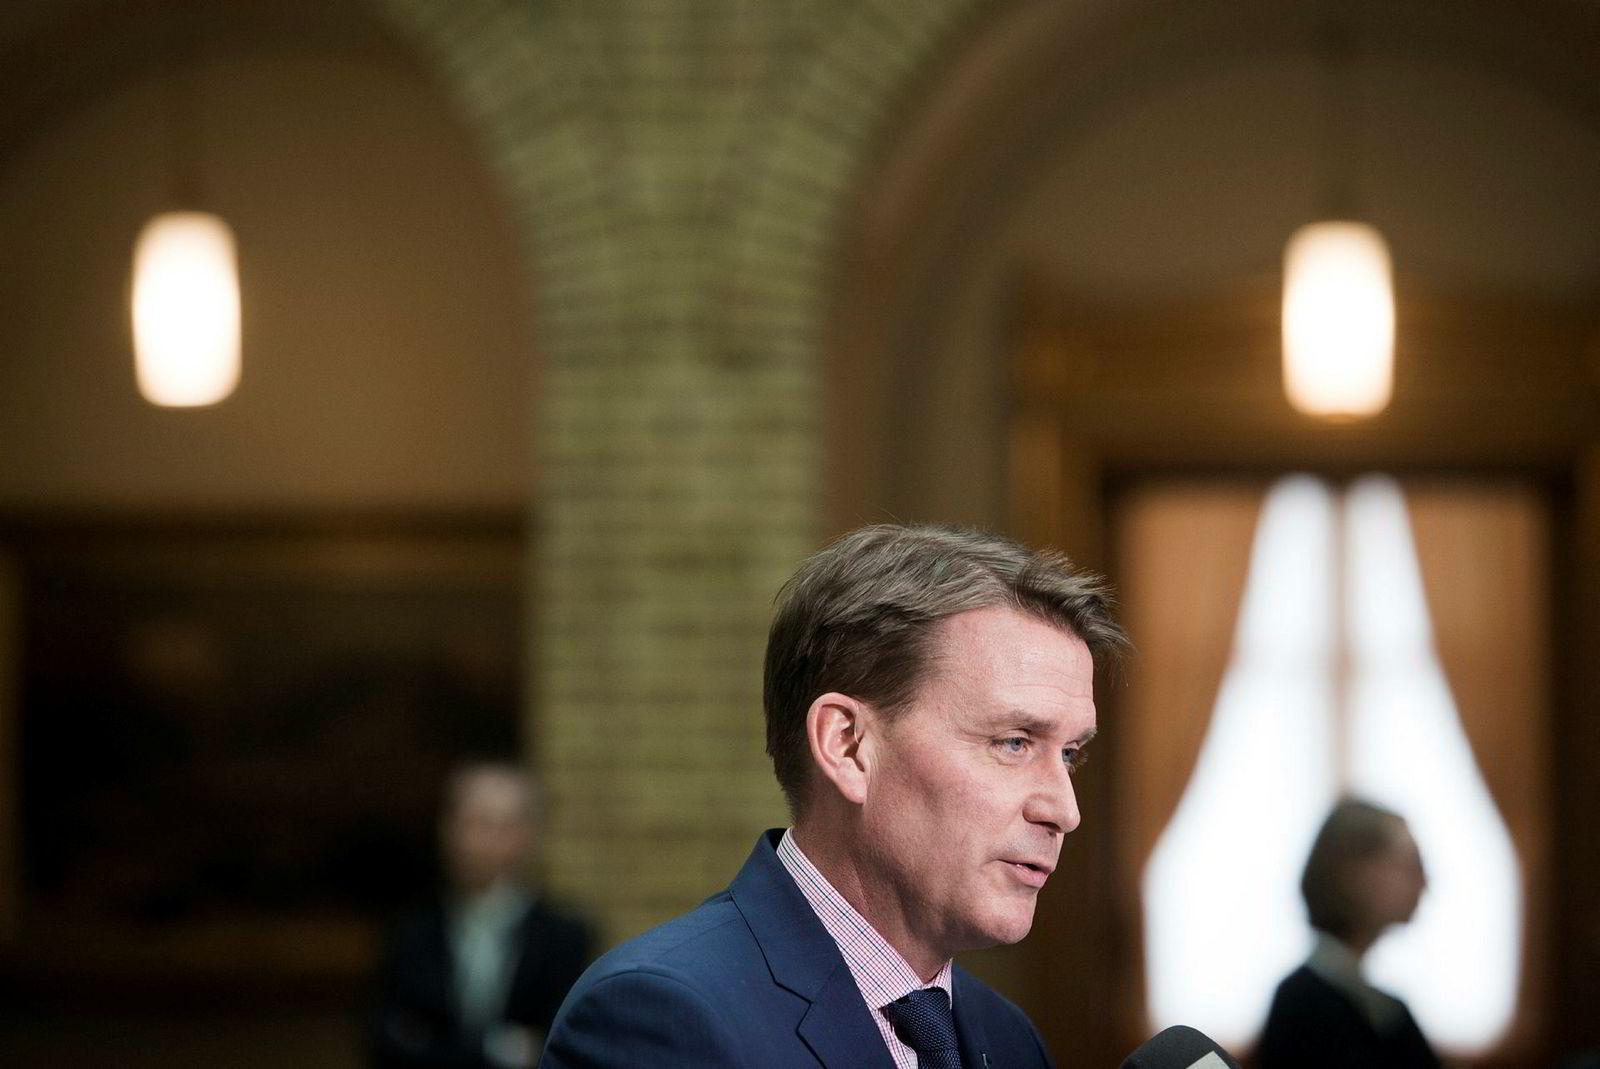 Mediepolitisk talsmann i Høyre, Kårstein Eidem Løvaas, synes MBLs innspill gjør muligheten noe større.